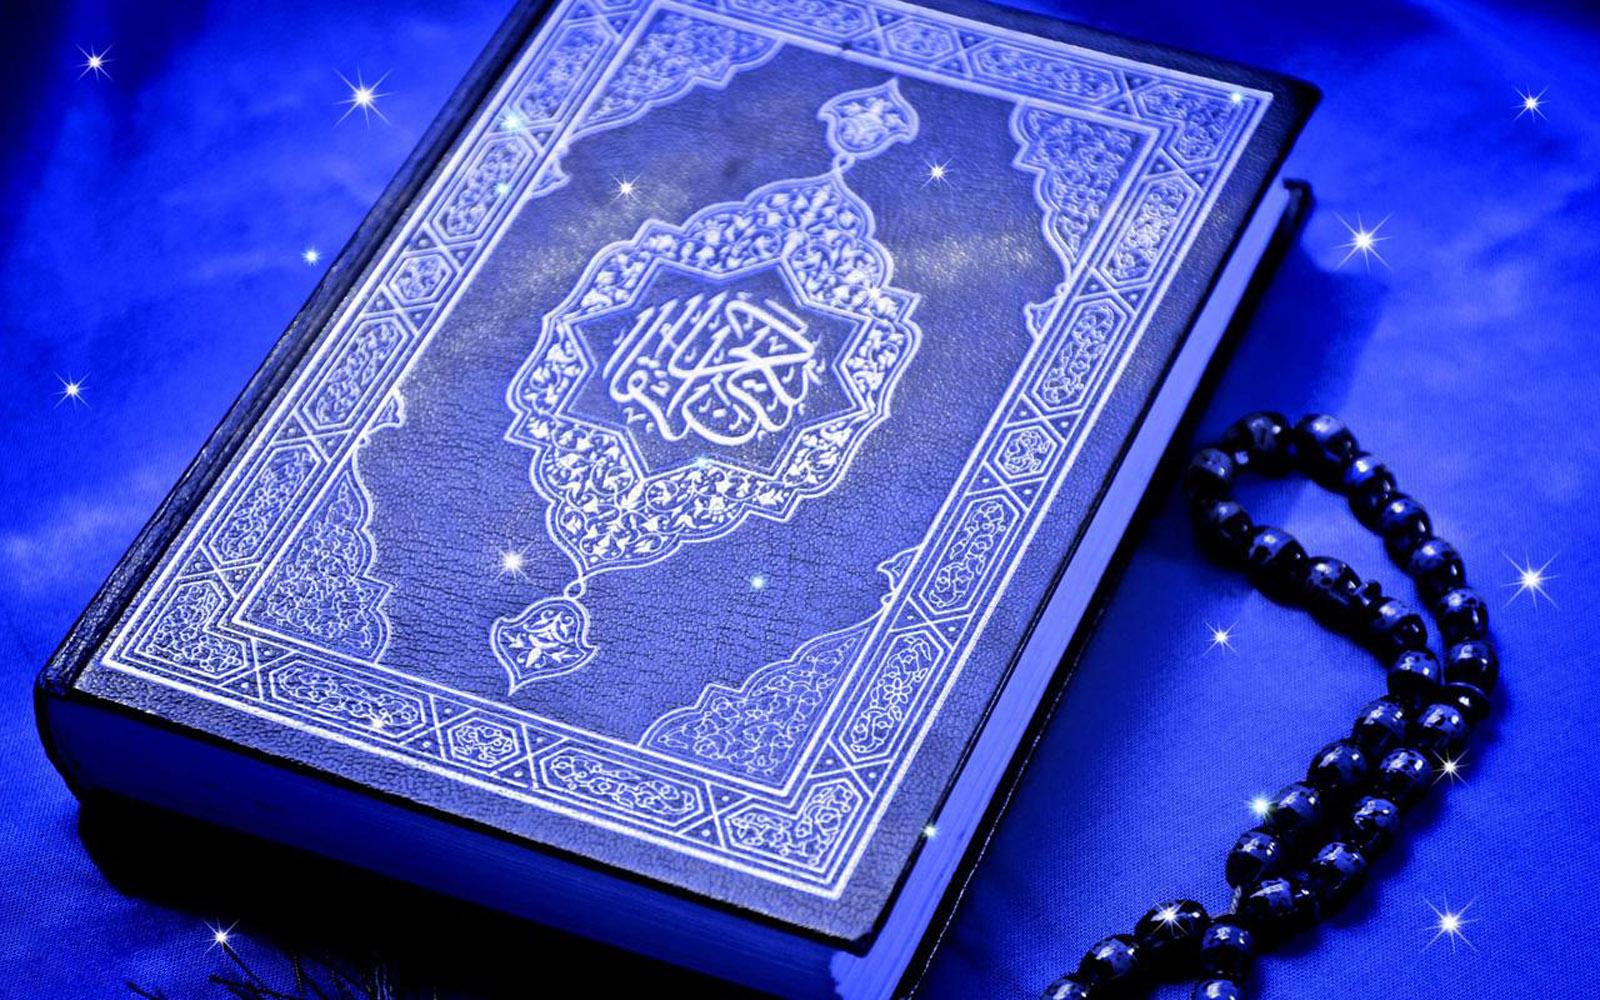 Keutamaan Membaca Al-Quran di Bulan Ramadan